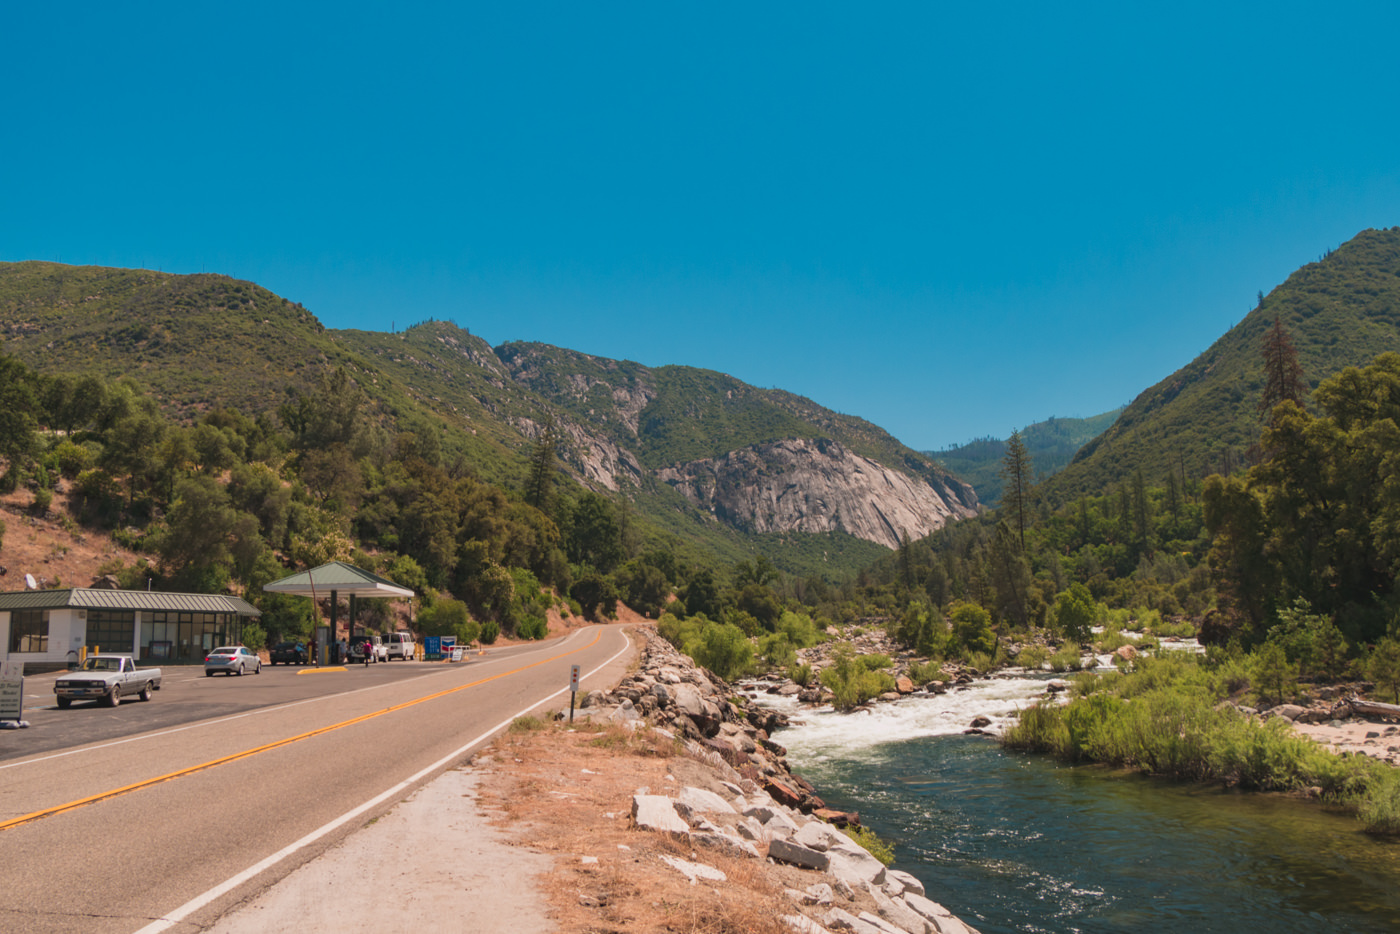 Straße und Fluss im Yosemite Nationalpark